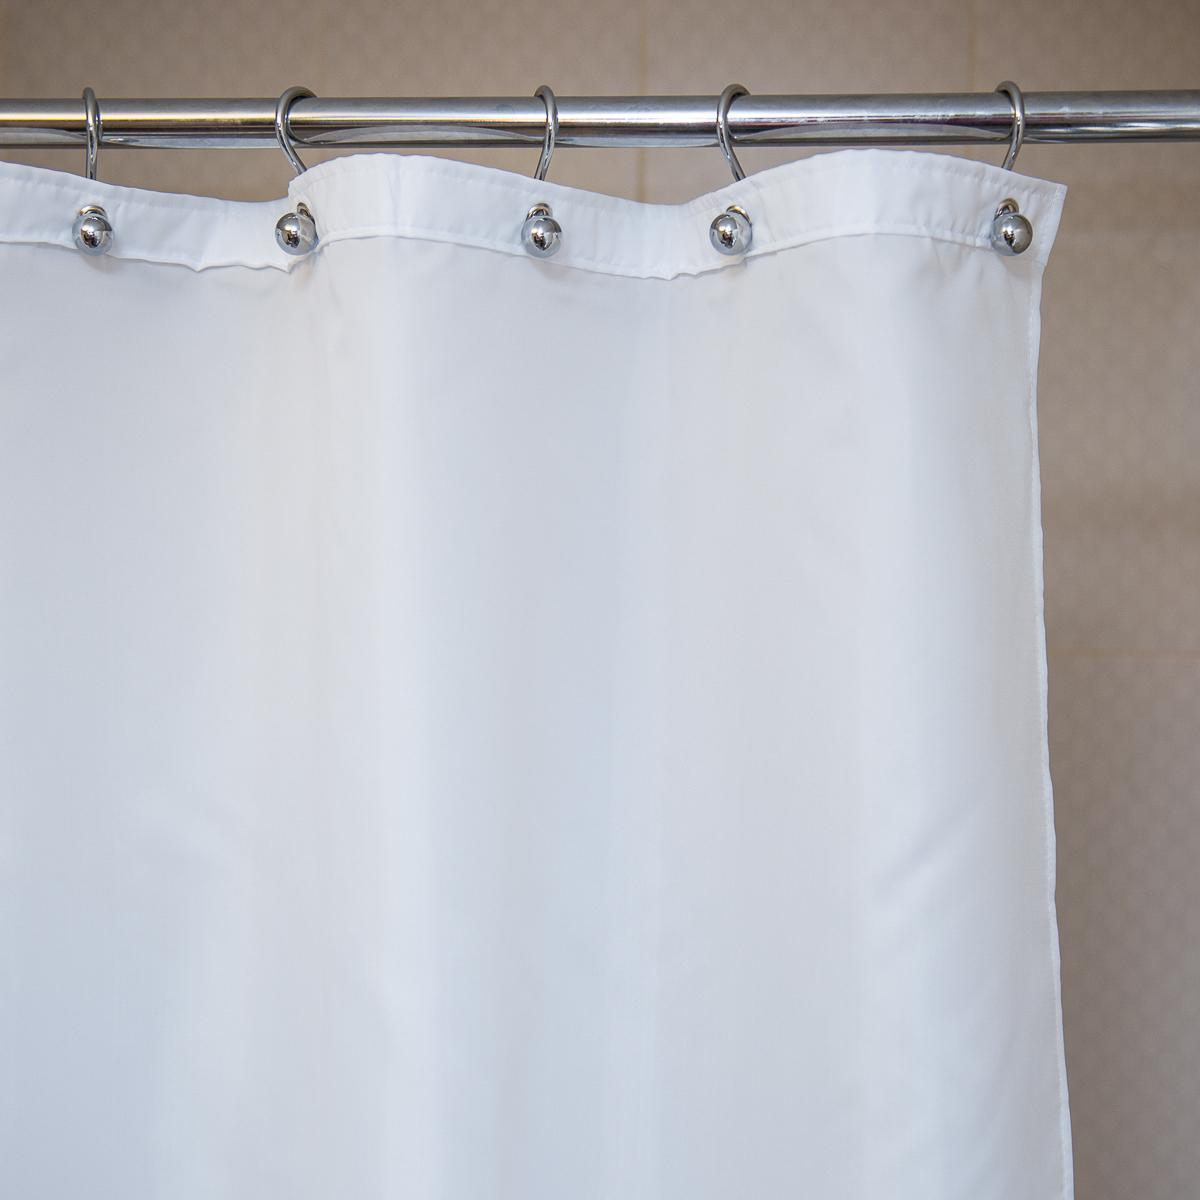 Шторки Защитная шторка для ванной 200х240 Arti-Deco Liso White zaschitnaya-shtorka-dlya-vannoy-200h240-liso-white-ot-arti-deco-ispaniya.jpg